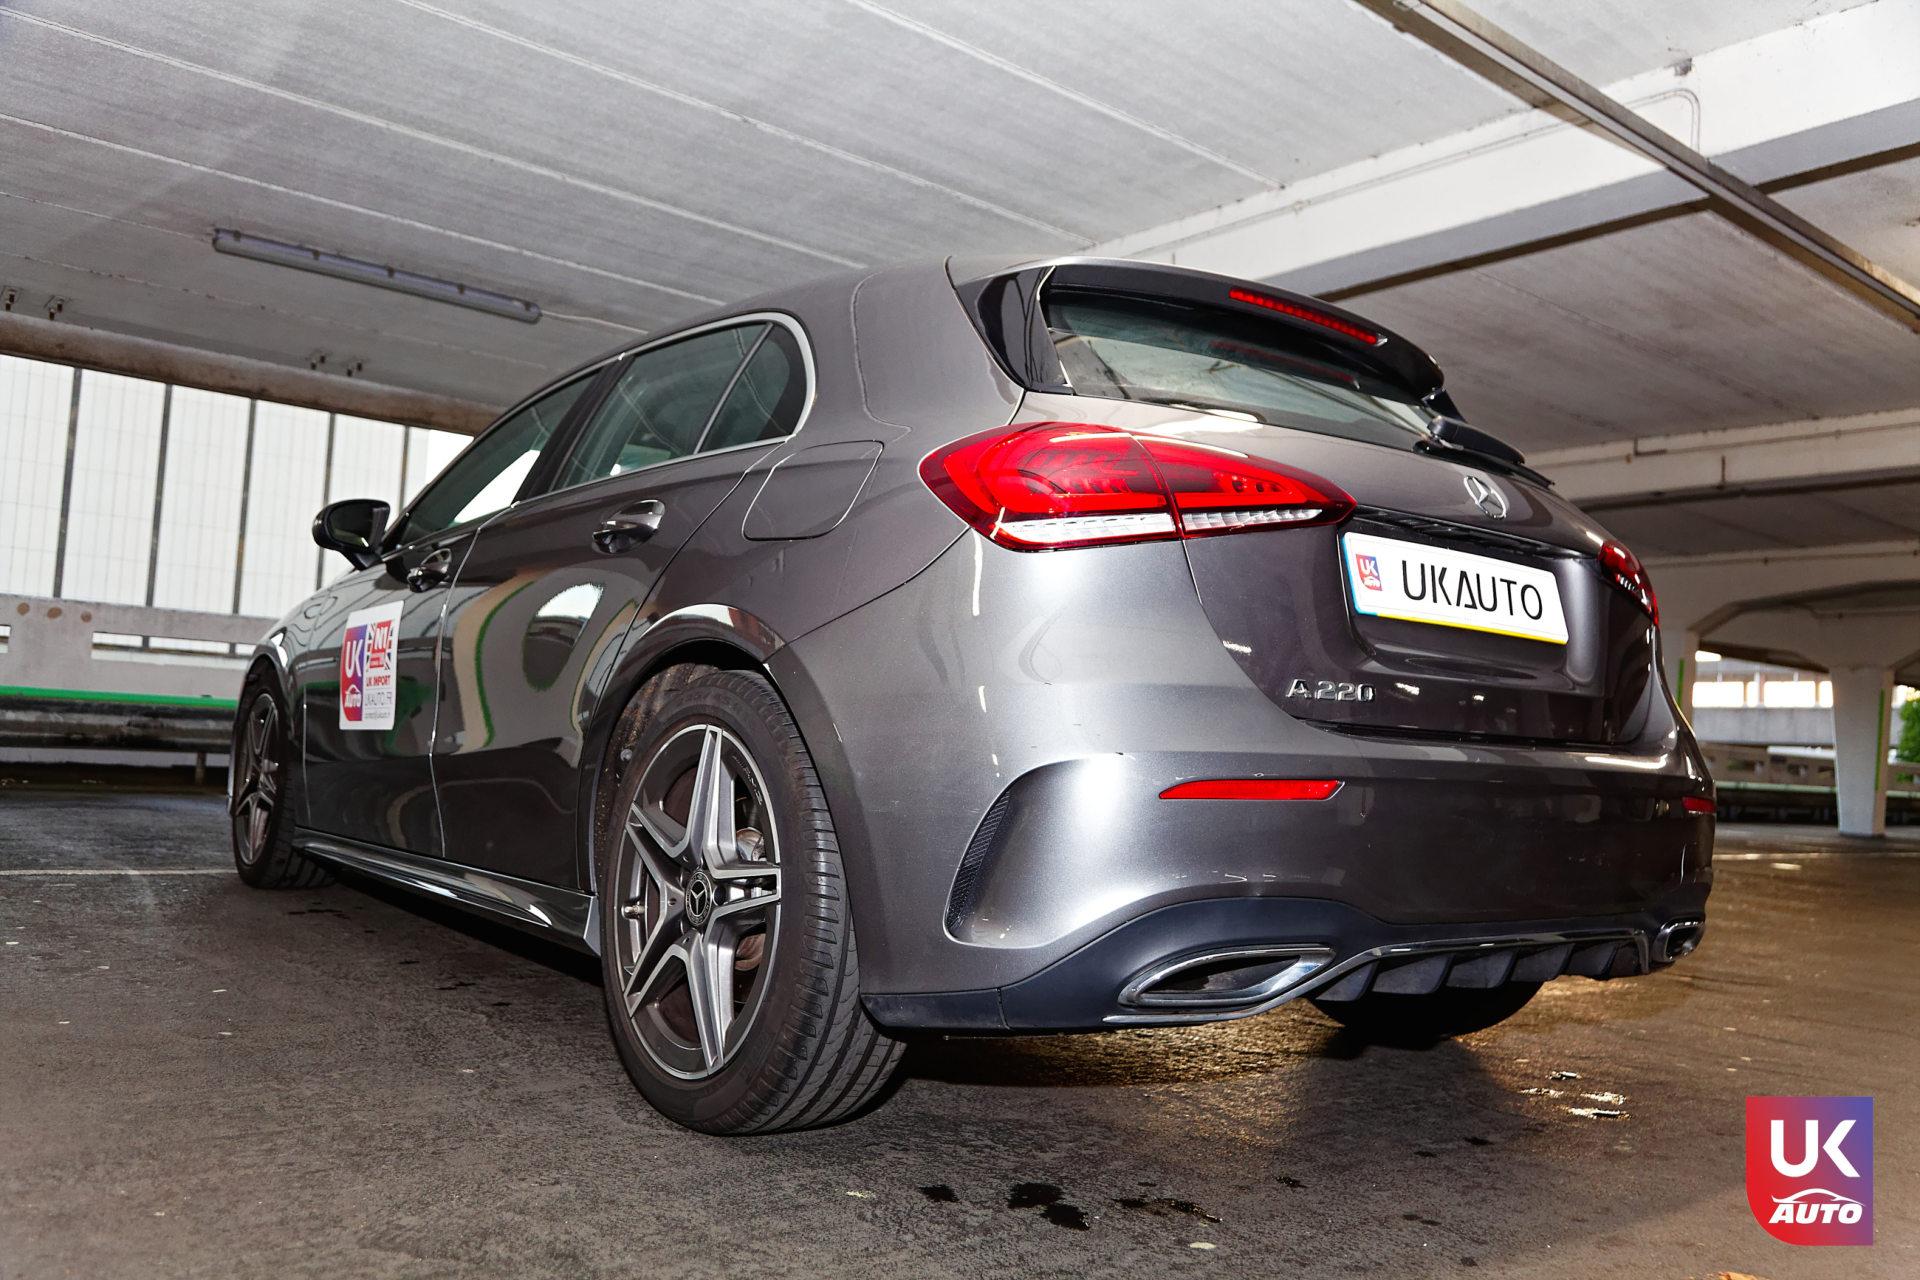 Mercedes uk mercedes angleterre mercedes a220 pack amg uk mercedes class a amg uk4 DxO - ACHAT ANGLETERRE MERCEDES C220 MERCEDES ANGLETERRE IMPORT UKAUTO.FR AUTOTRADER UK